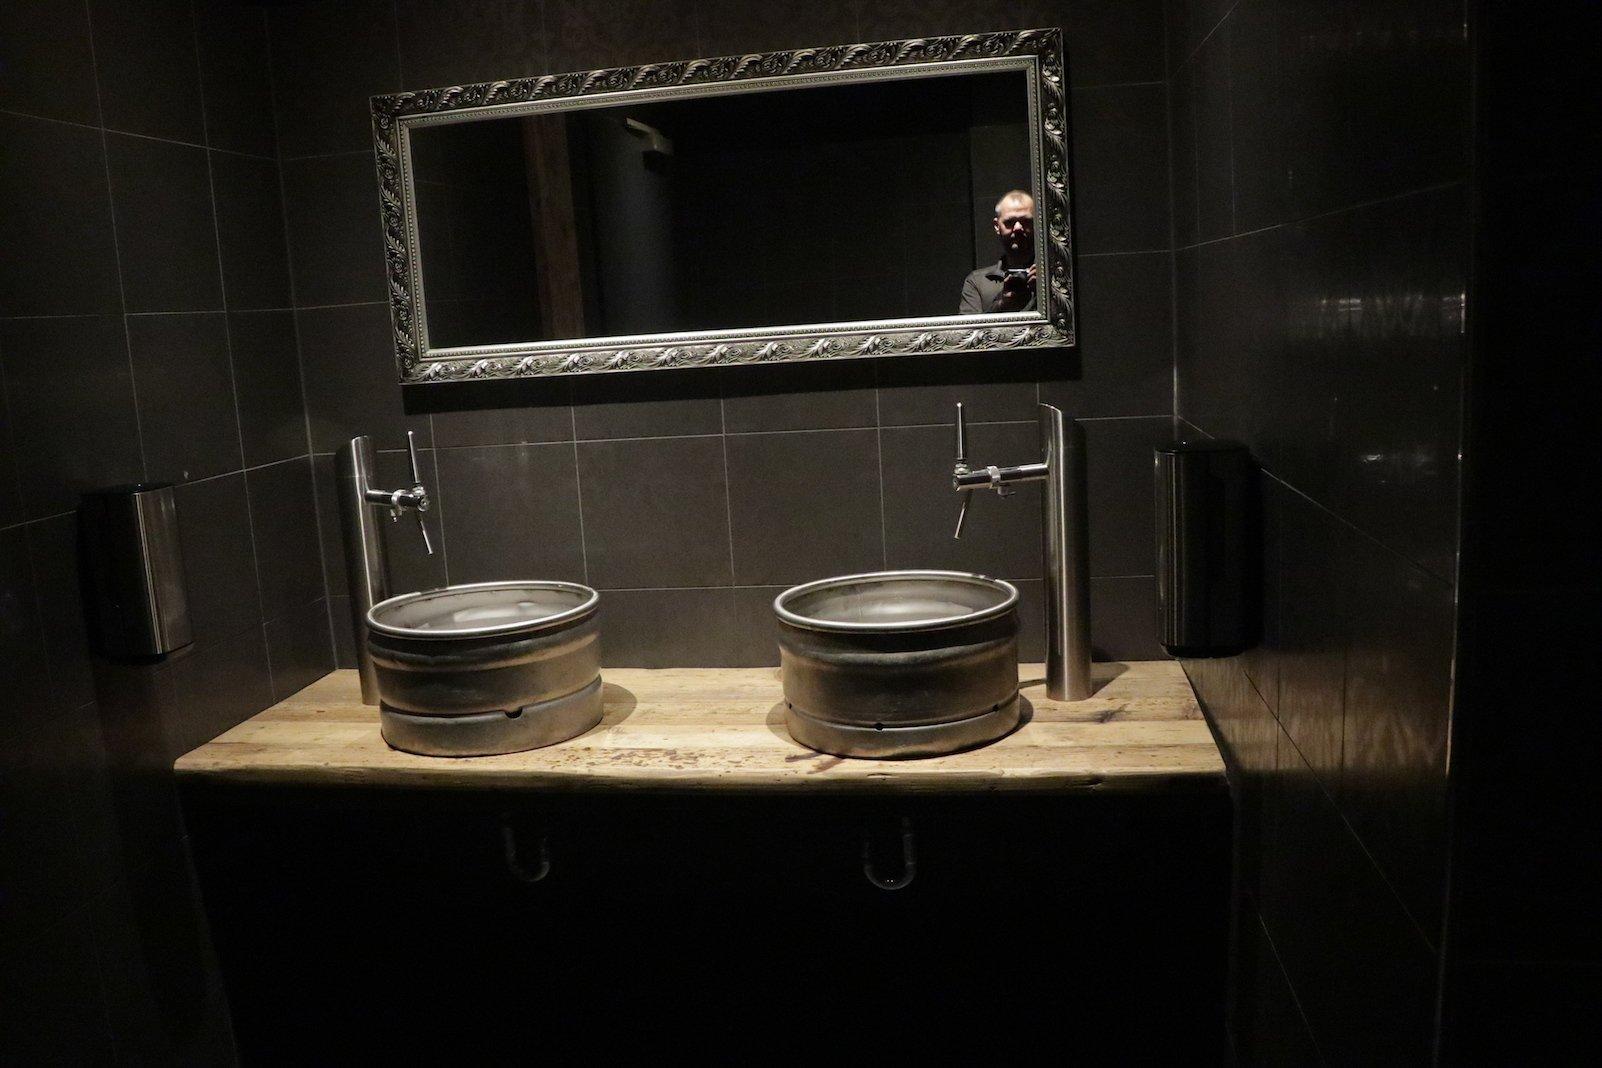 Und selbst die Toilette hat Highlights :)